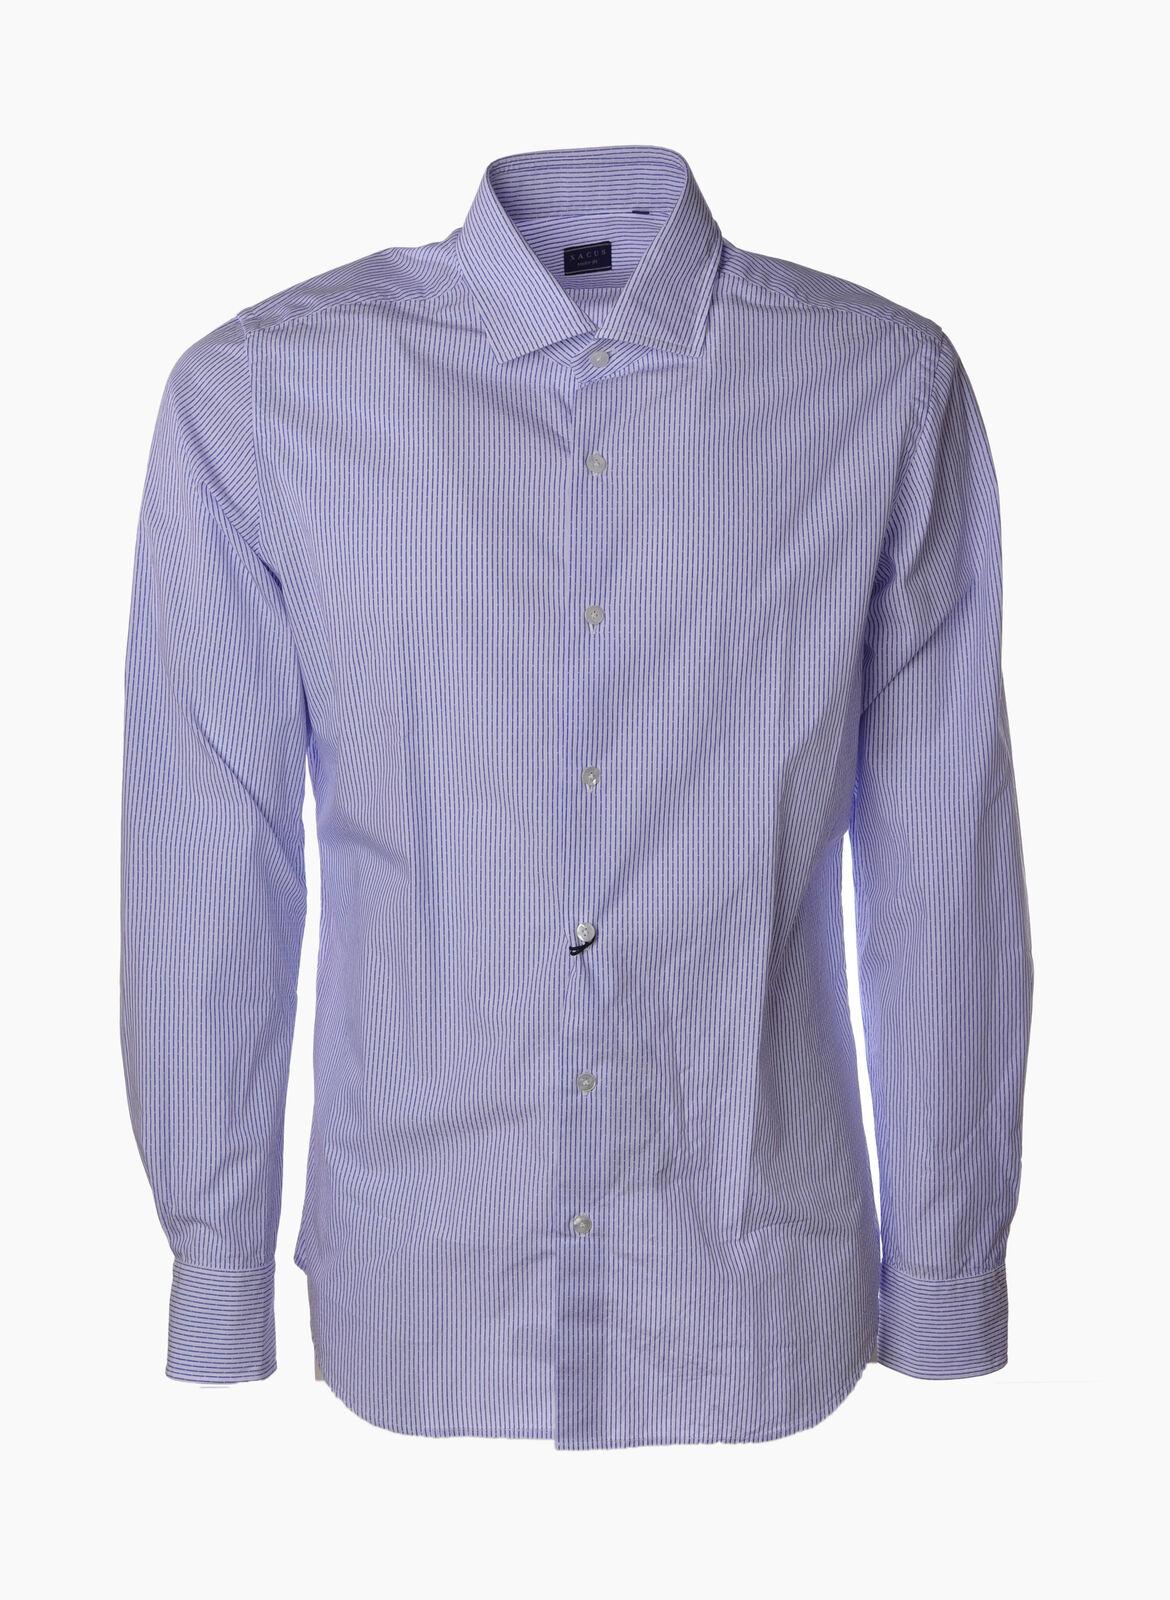 Xacus  -  Shirts - Male - Fantasy - 3174015A184423